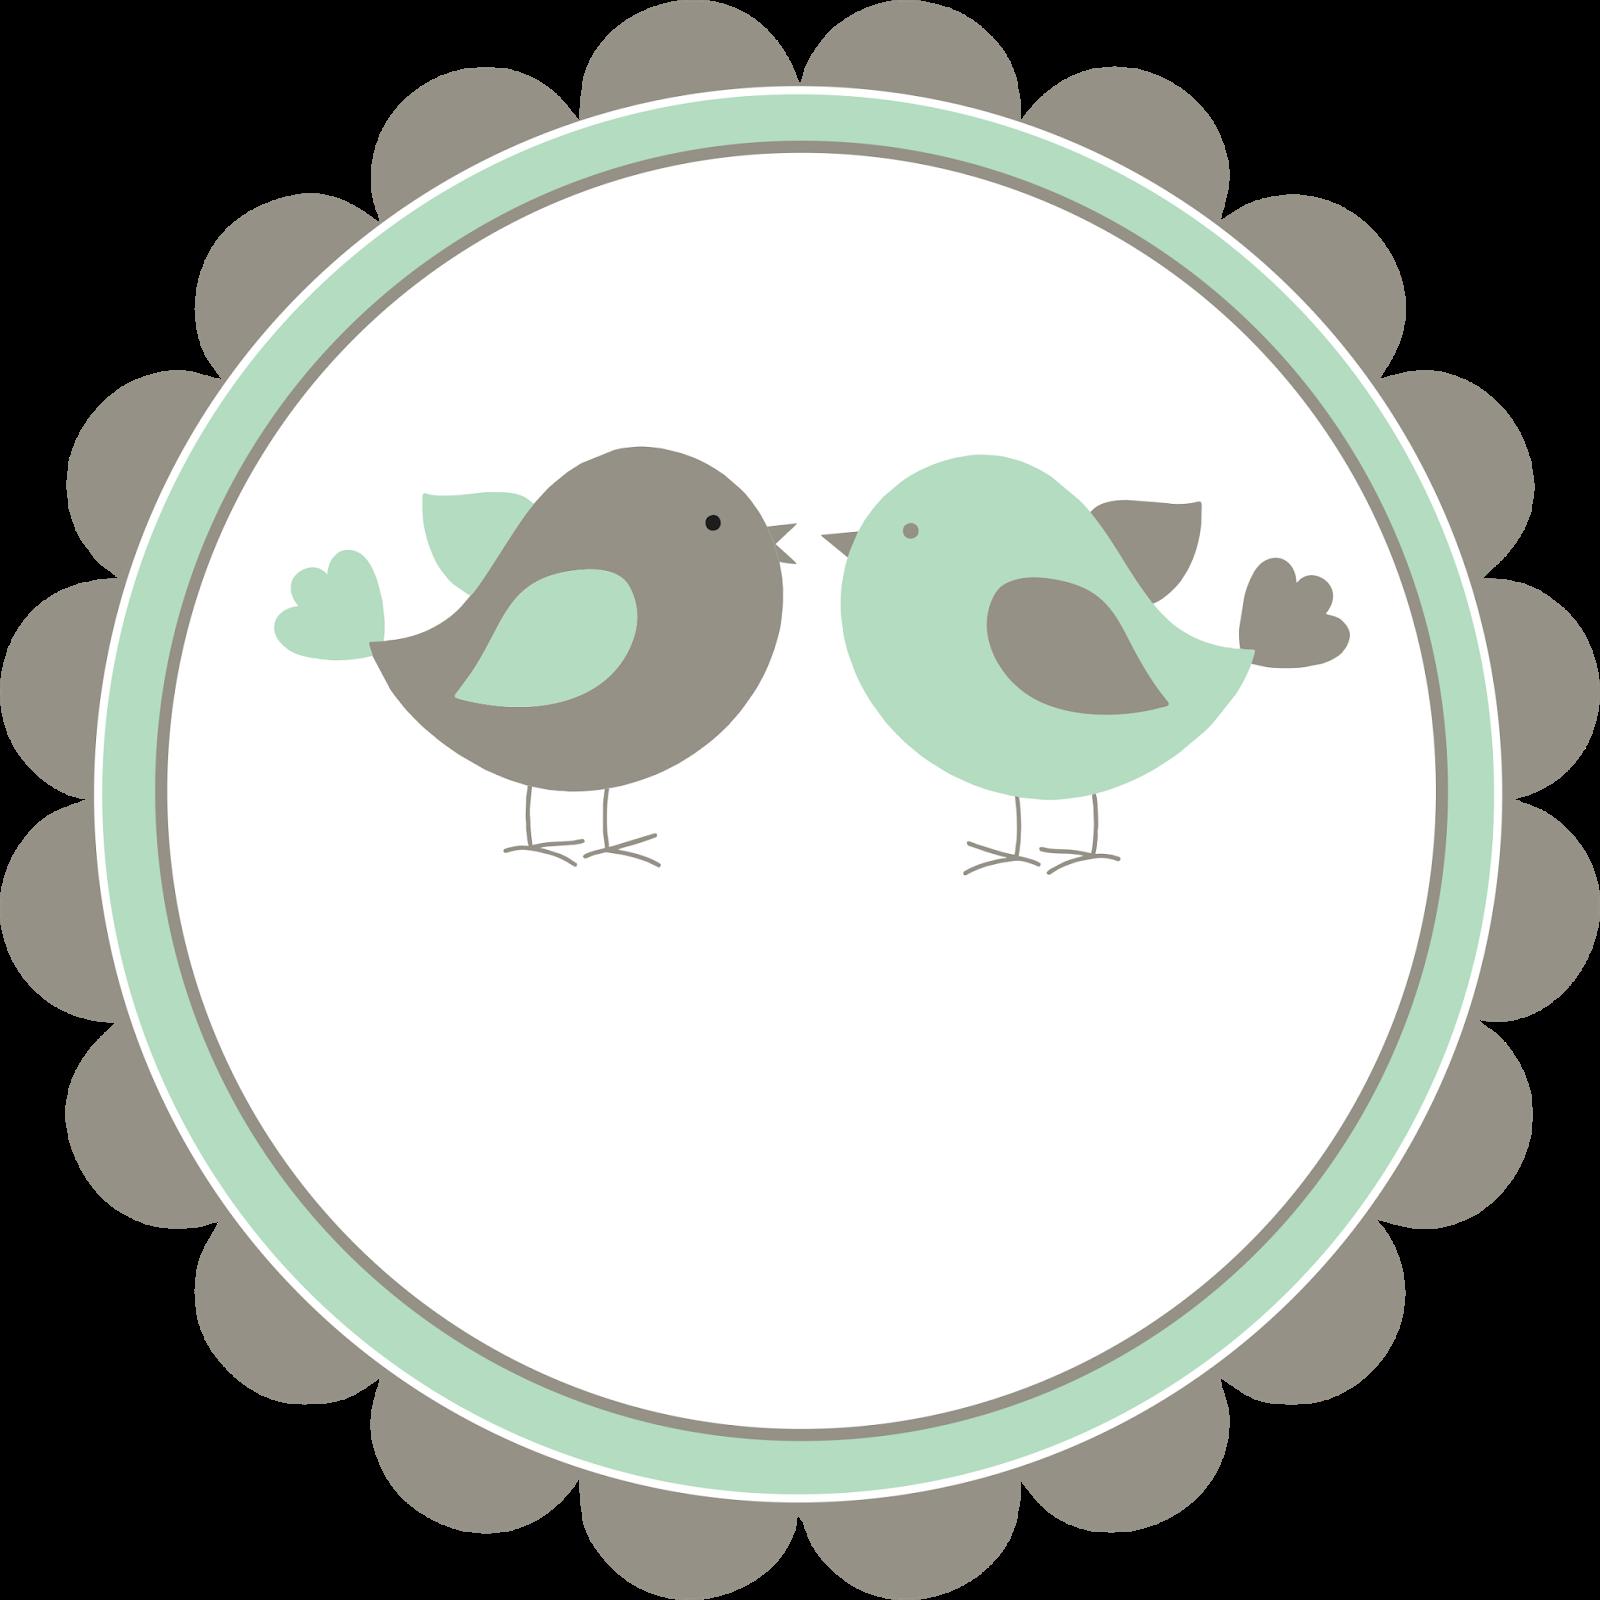 Logotipo grátis tema passarinhos | Etiquestas e tags | Pinterest